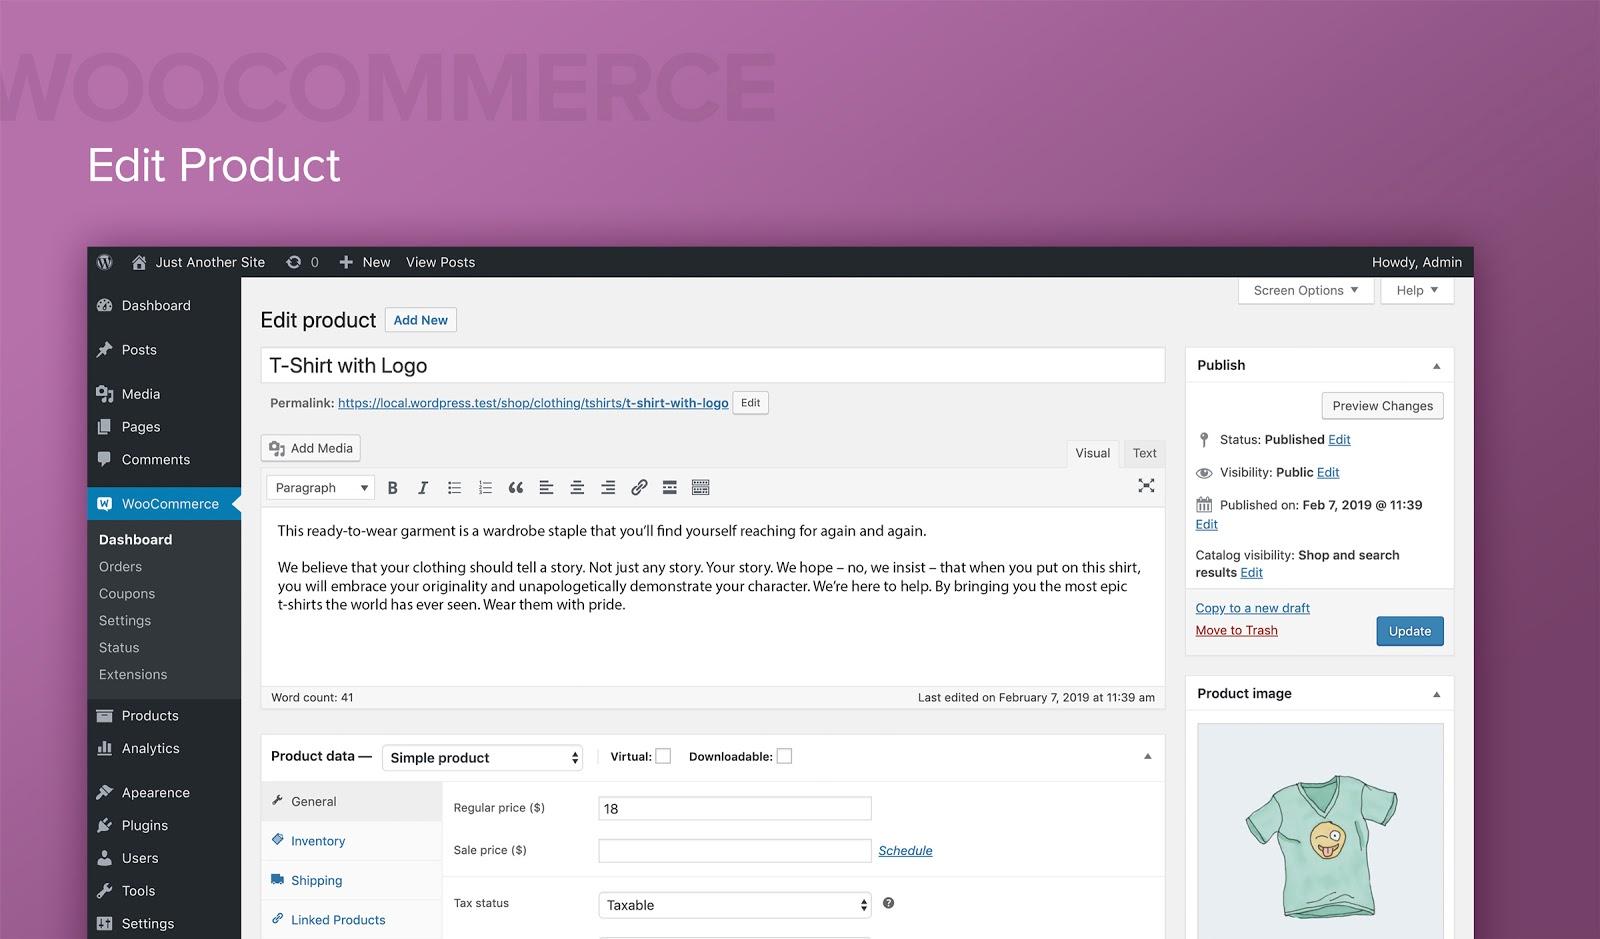 WooCommerce edit product